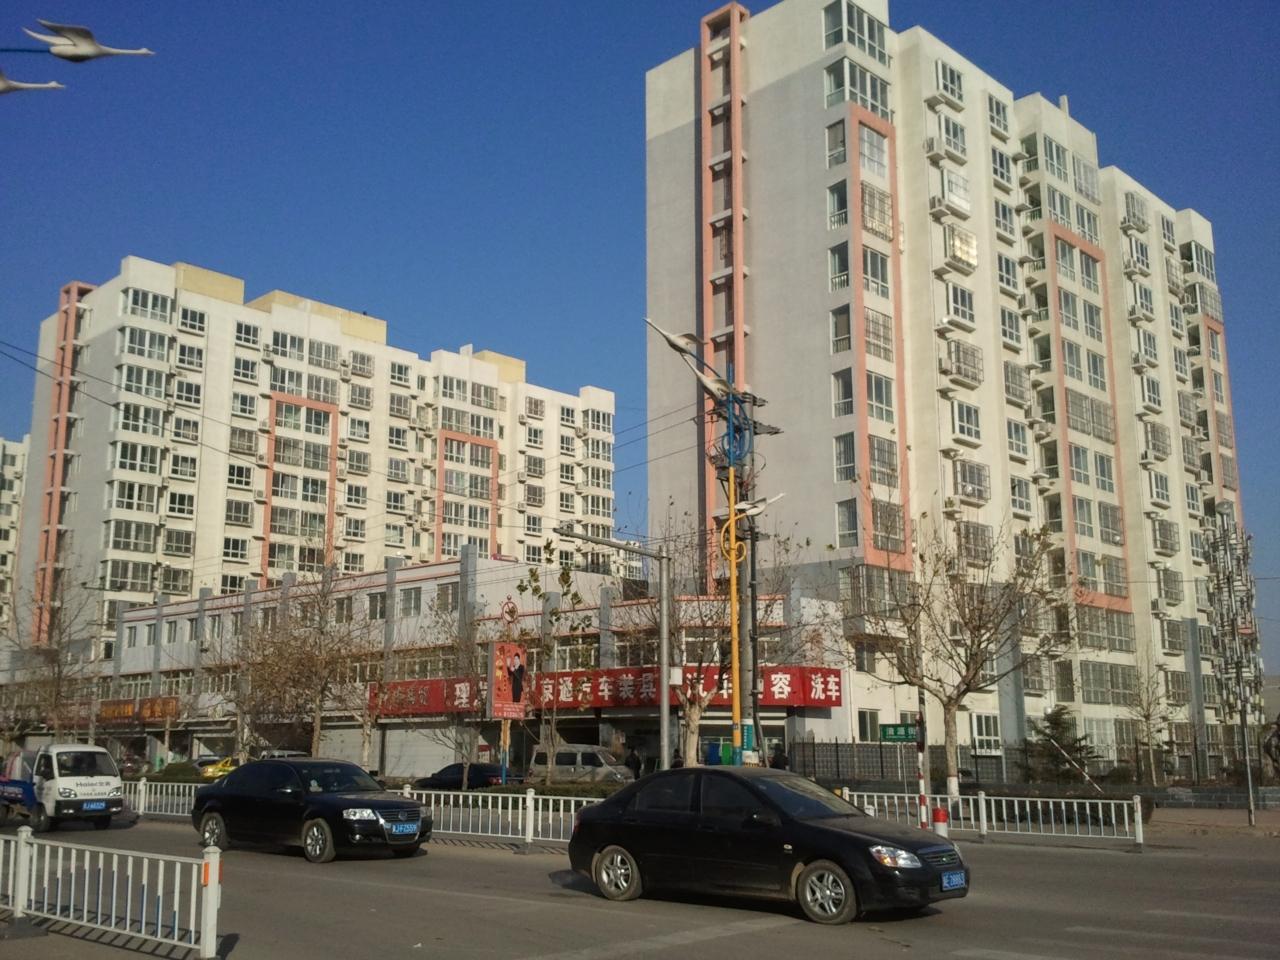 肃宁火车站到清源街雨竹园小区有多远